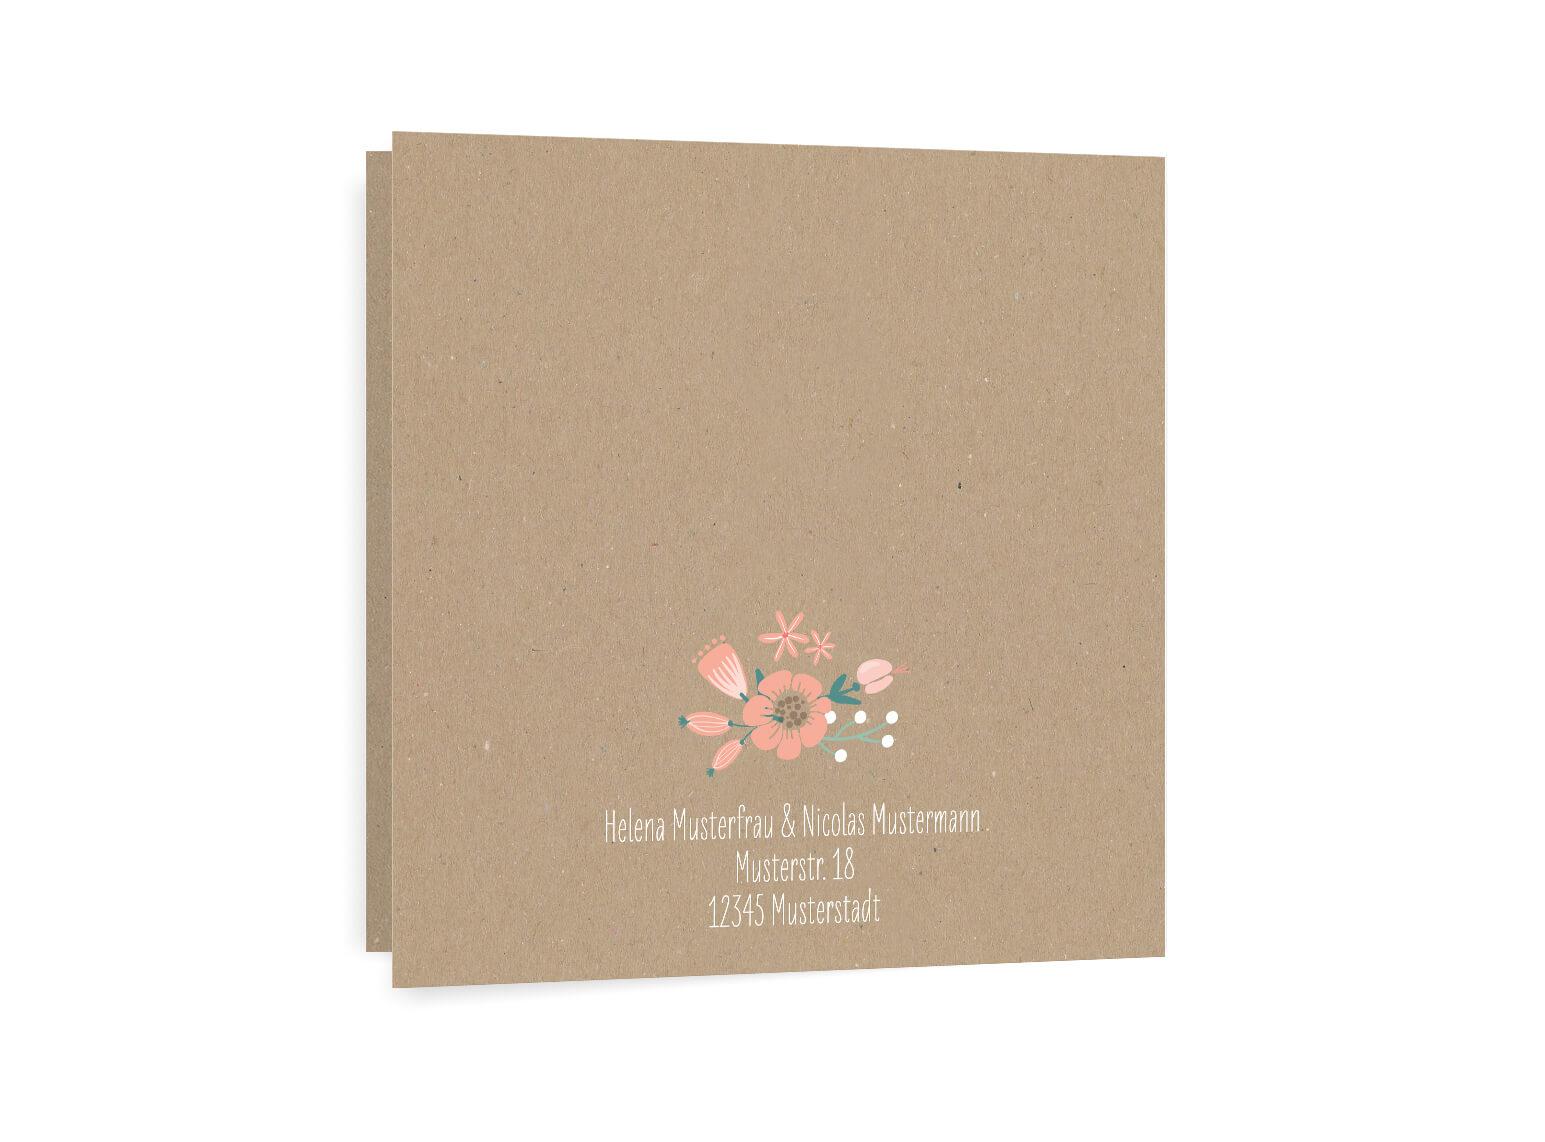 Rustikale Hochzeitseinladunge Sommer Blumen Klappkarte qudratisch rückseite